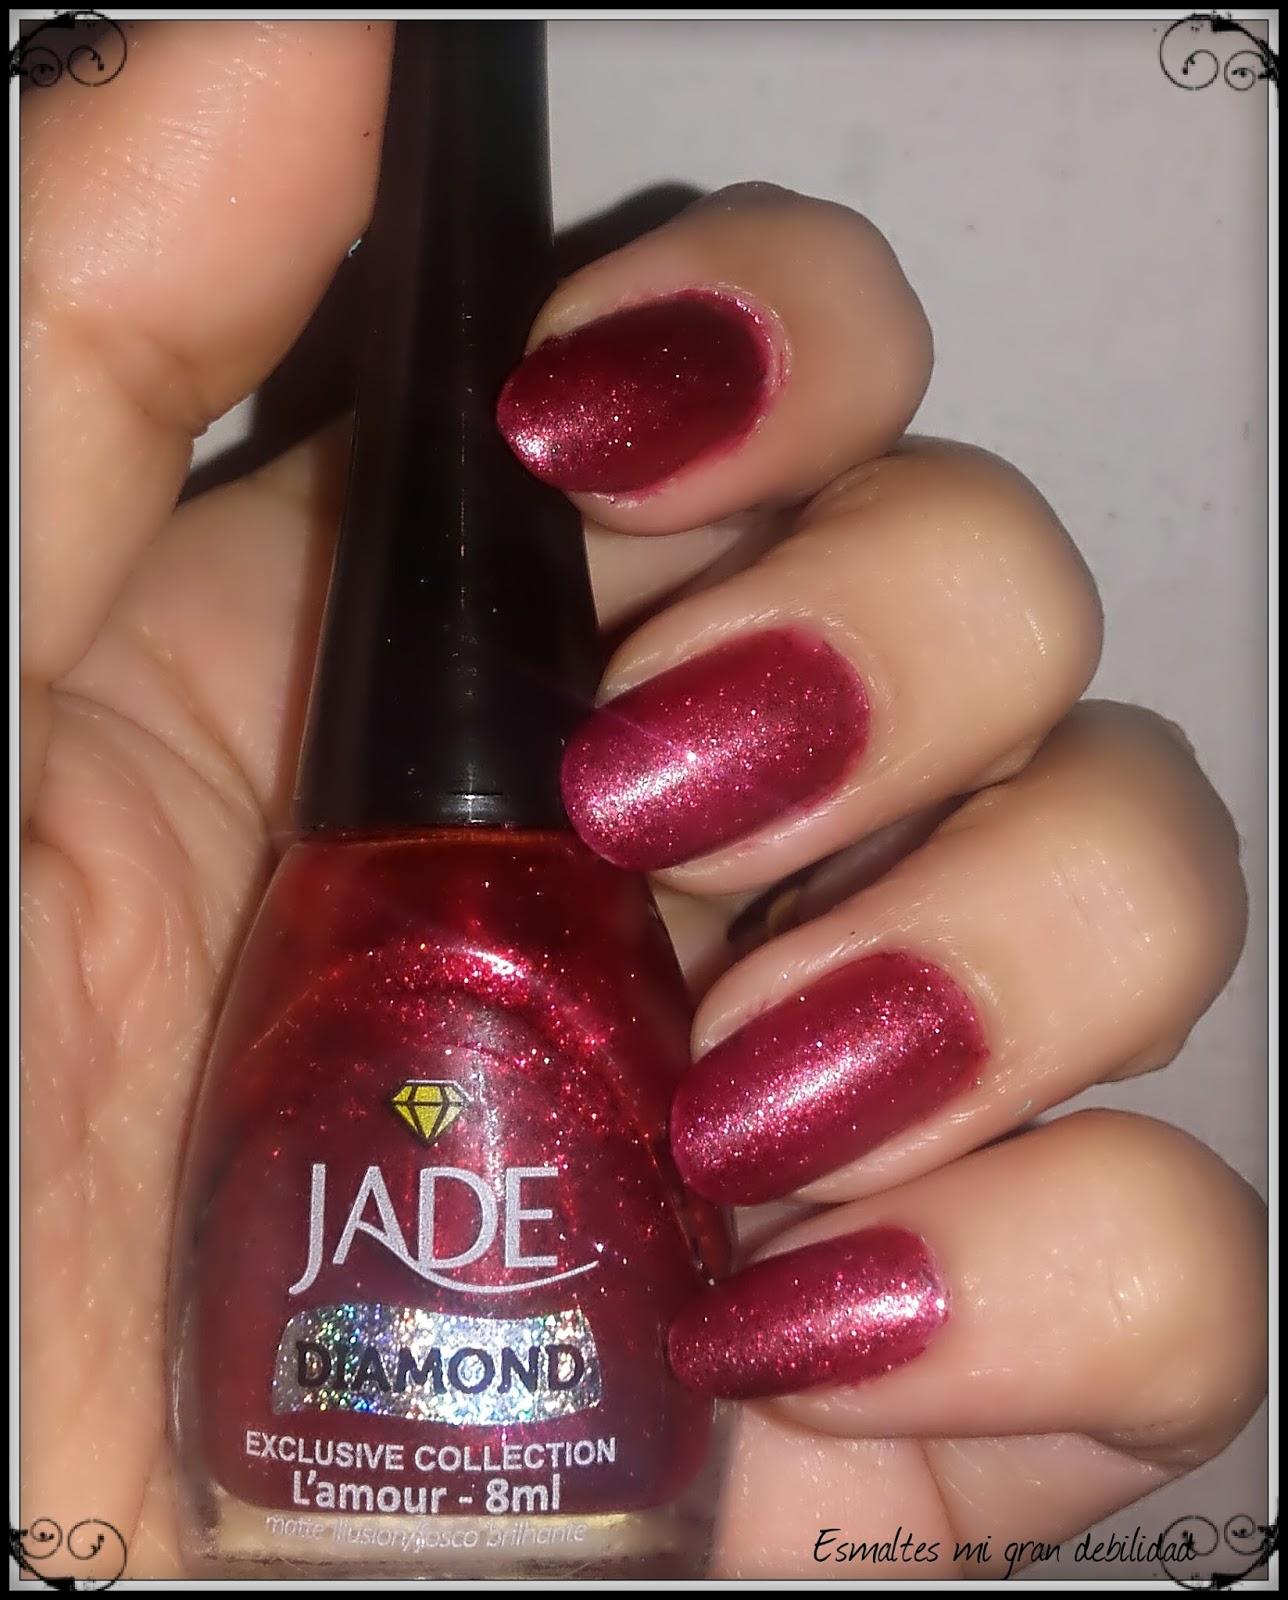 Esmalte mi gran debilidad: Jade diamond l\'amour + decó simple